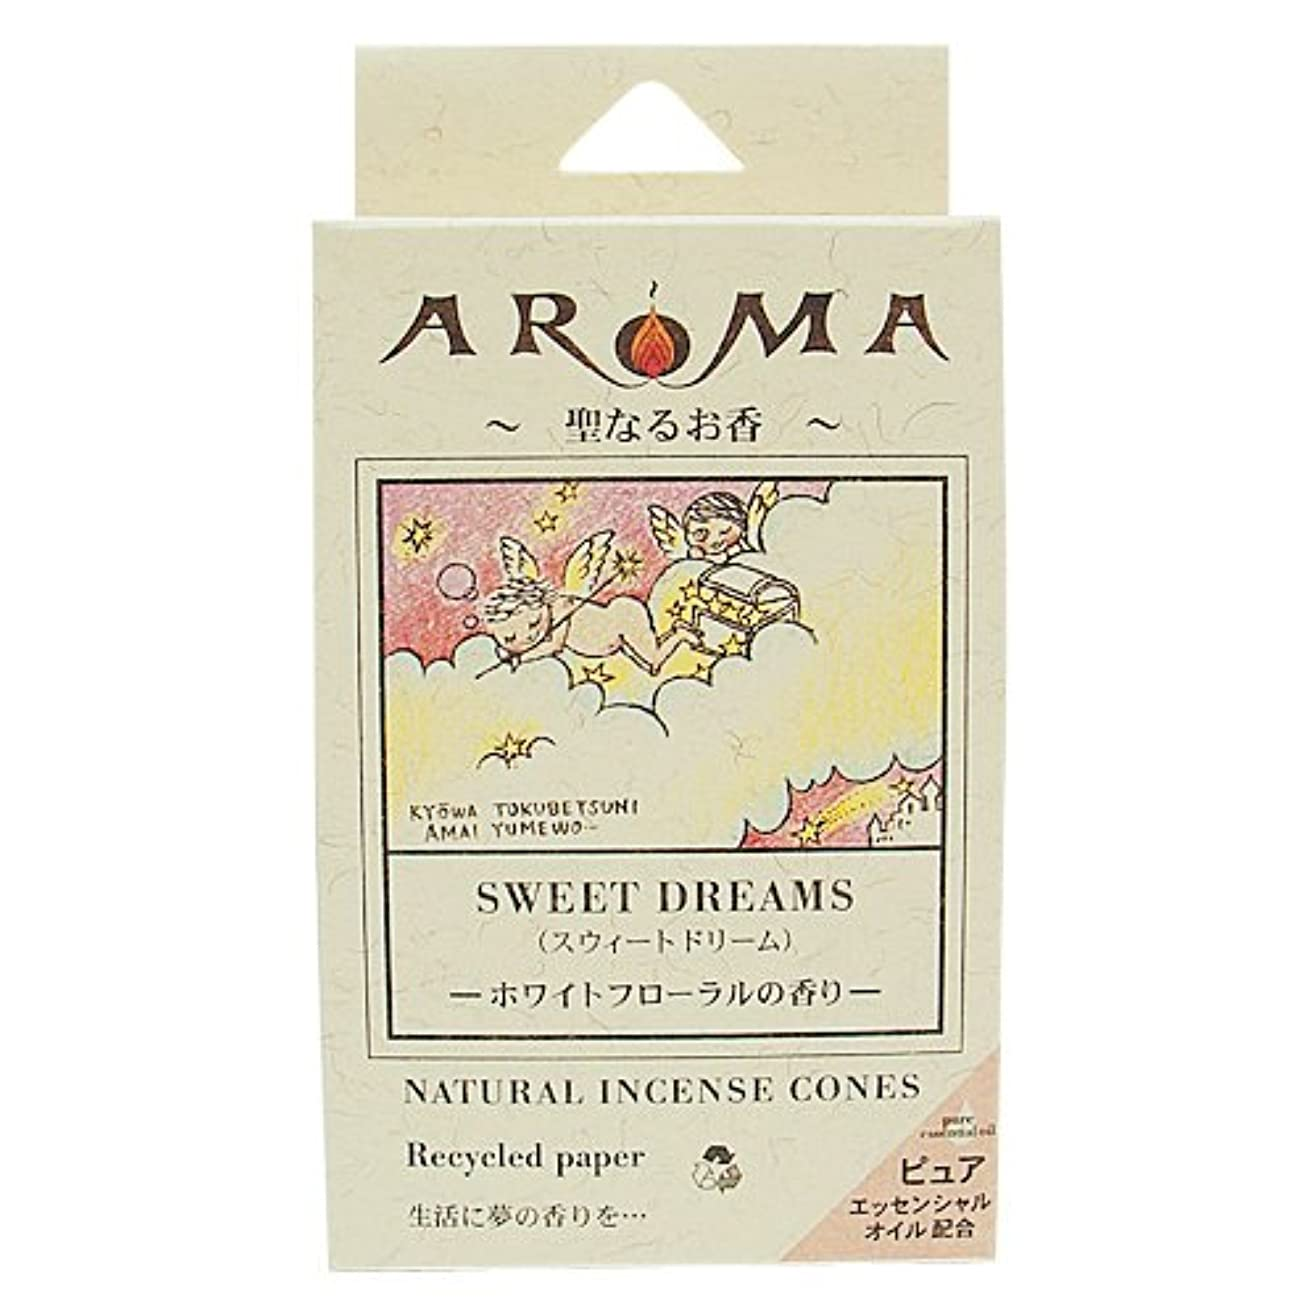 受信ネックレス中絶アロマ香 スウィートドリーム 16粒(コーンタイプインセンス 1粒の燃焼時間約20分 ホワイトフローラルの香り)